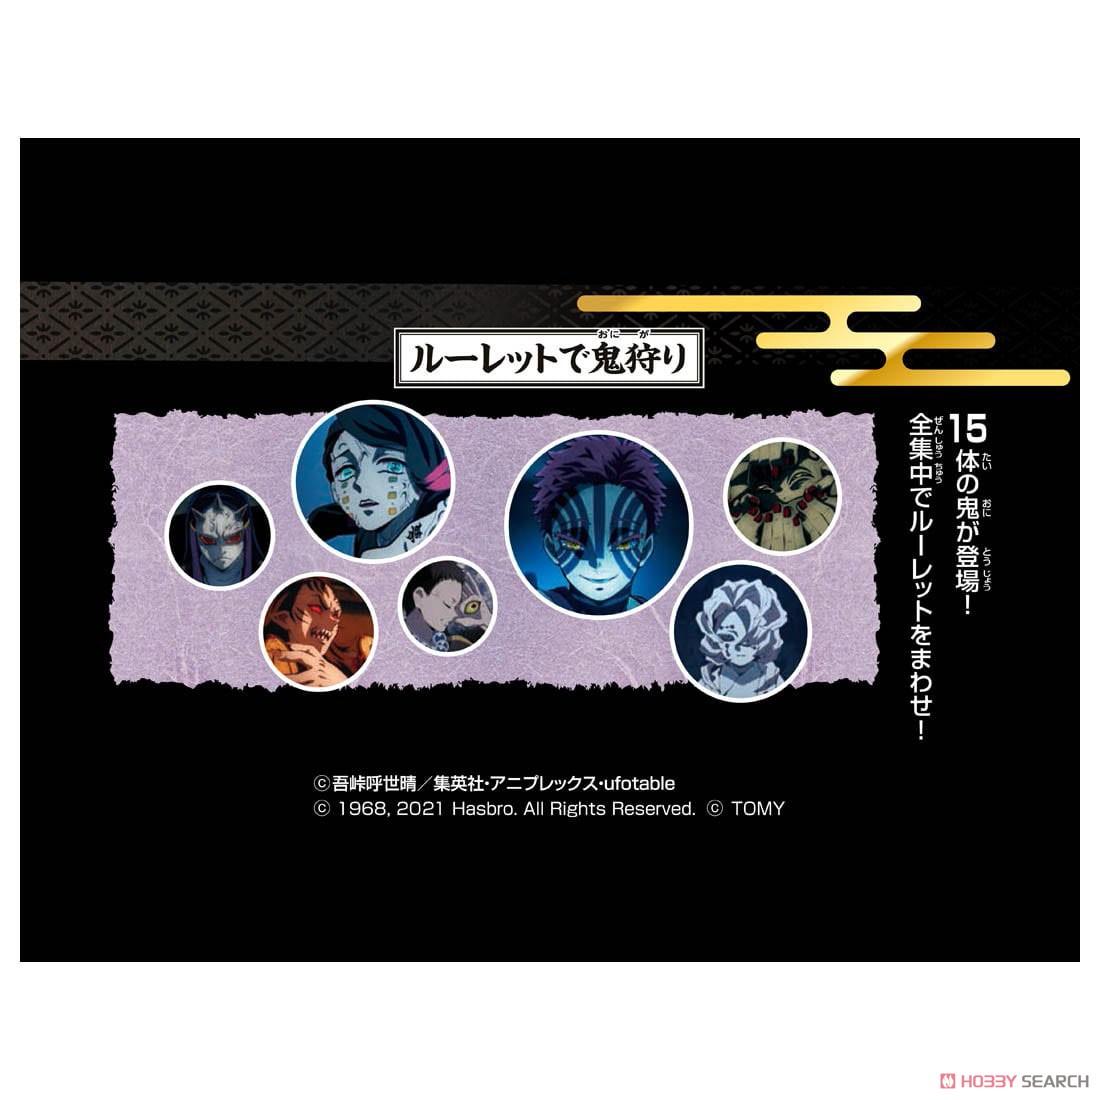 鬼滅の刃『鬼滅の刃 人生ゲーム』テーブルゲーム-004